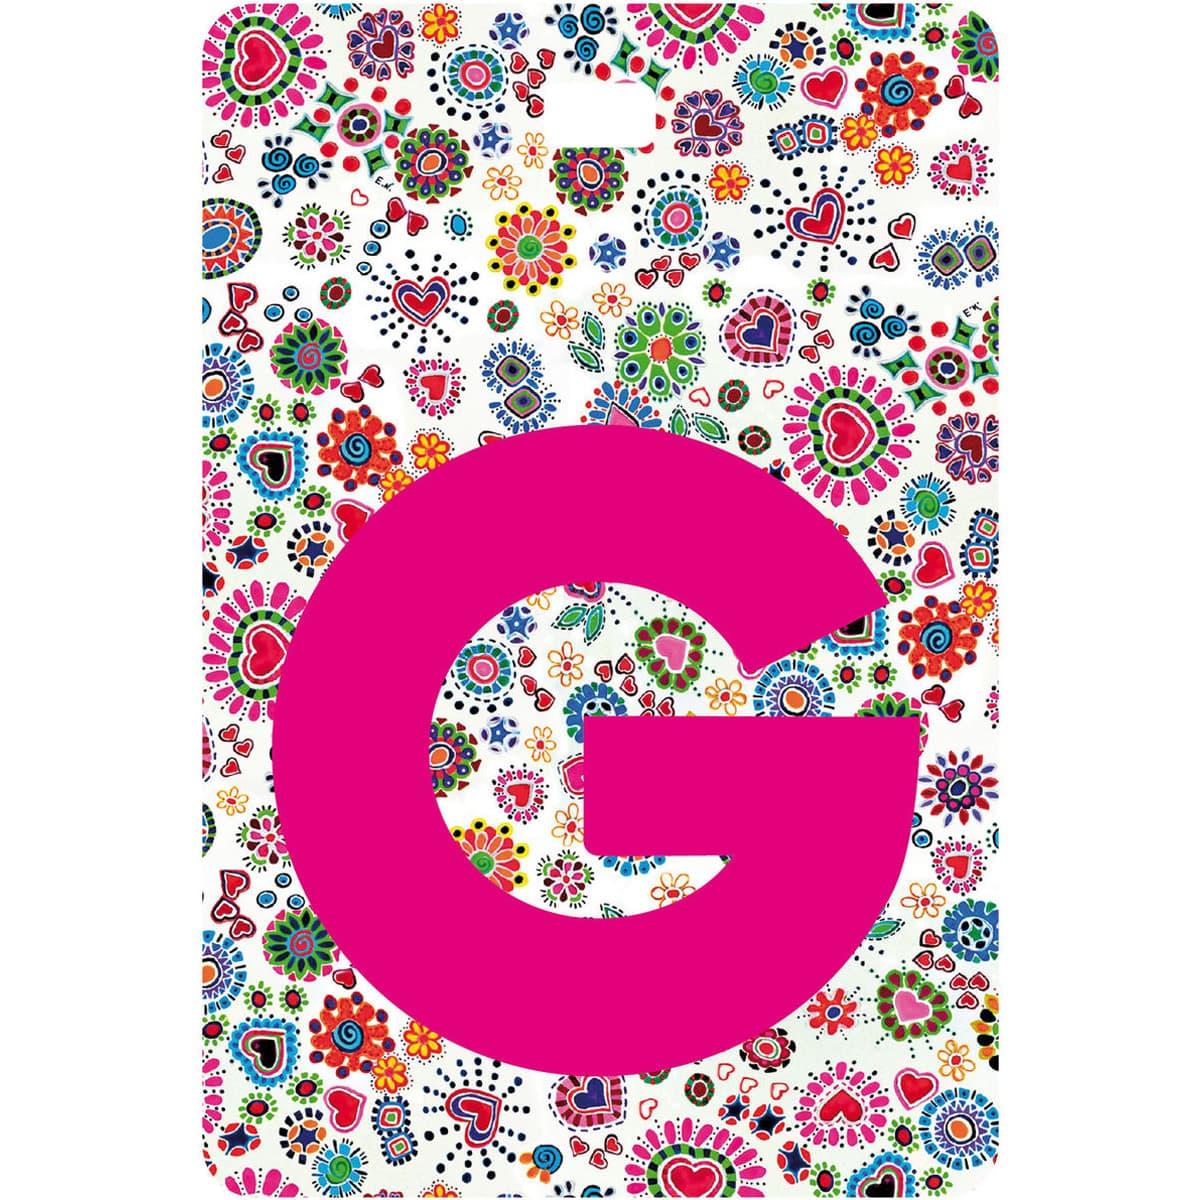 Etichetta bagaglio con lettera alfabeto bianca su sfondo fantasia cuori e fiori colorati con iniziale G